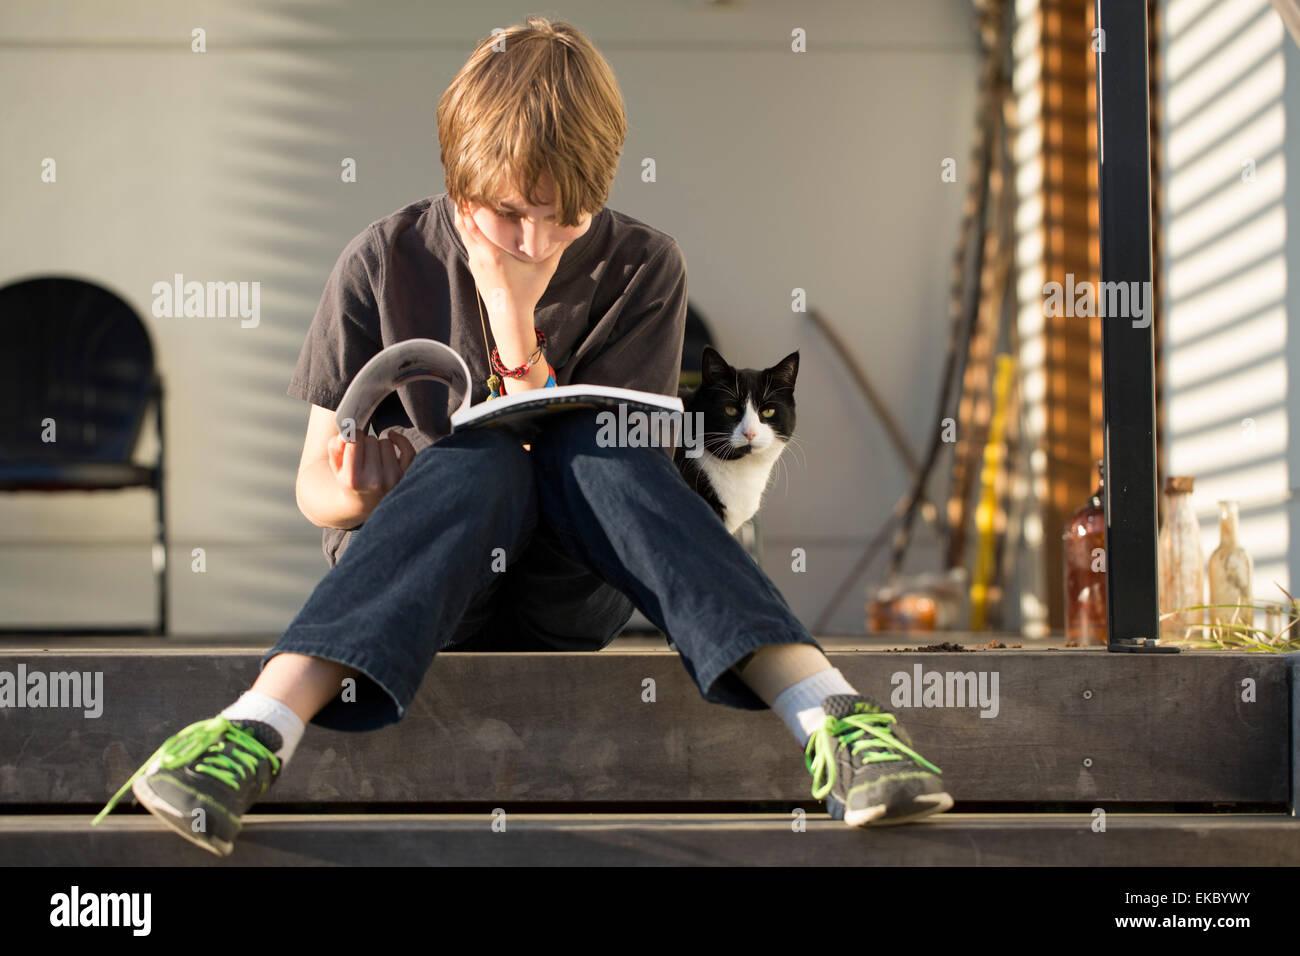 Muchacho sentado en el paso libro de lectura, gato asomándose desde atrás Imagen De Stock